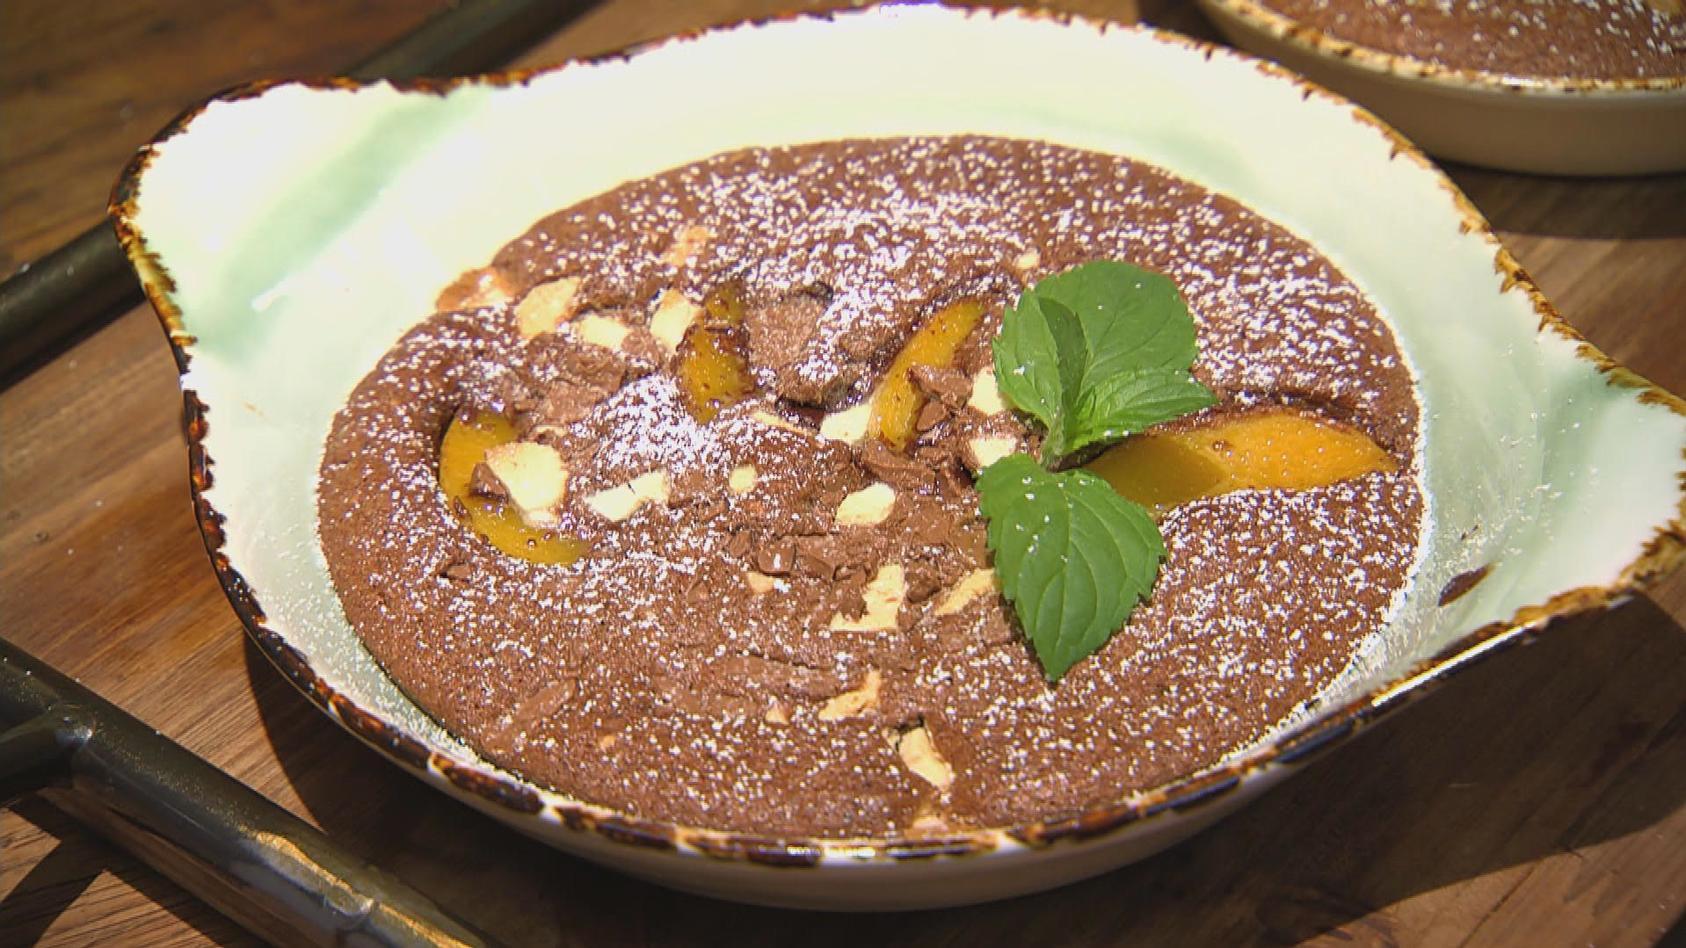 Das Reste zum Schluss - Aus Resten tolle Gerichte zaubern: Schokoladen-Obstauflauf